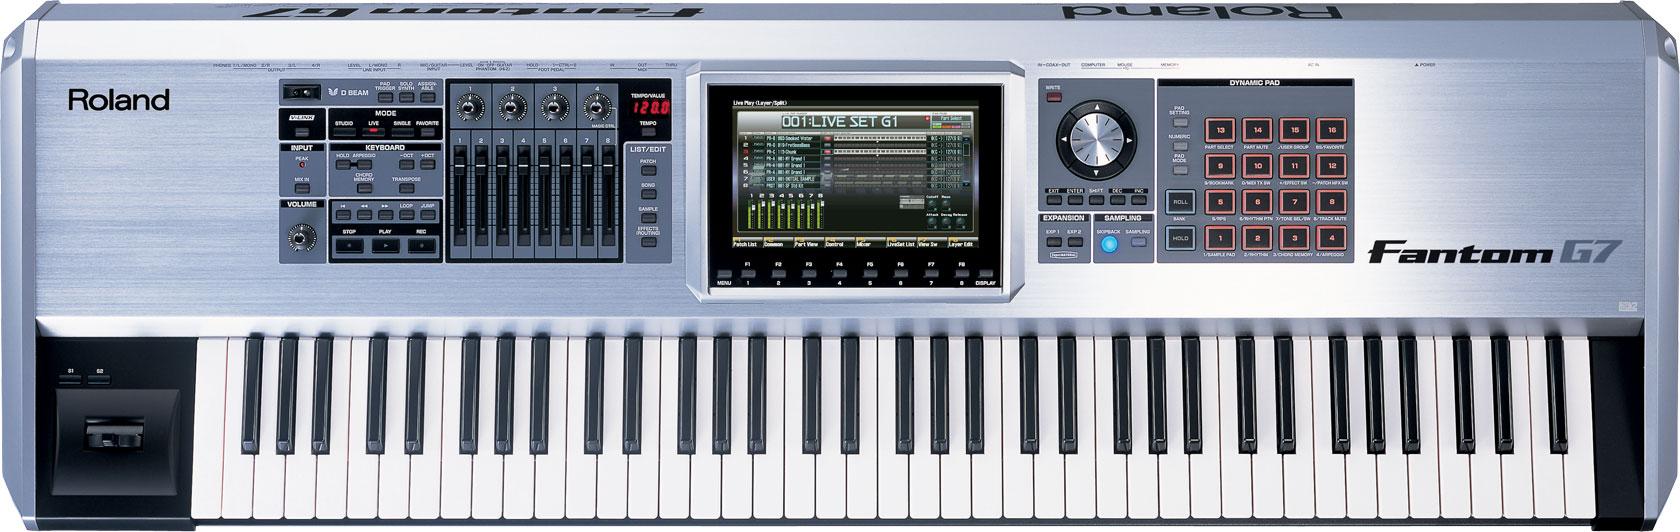 roland fantom g7 workstation keyboard. Black Bedroom Furniture Sets. Home Design Ideas